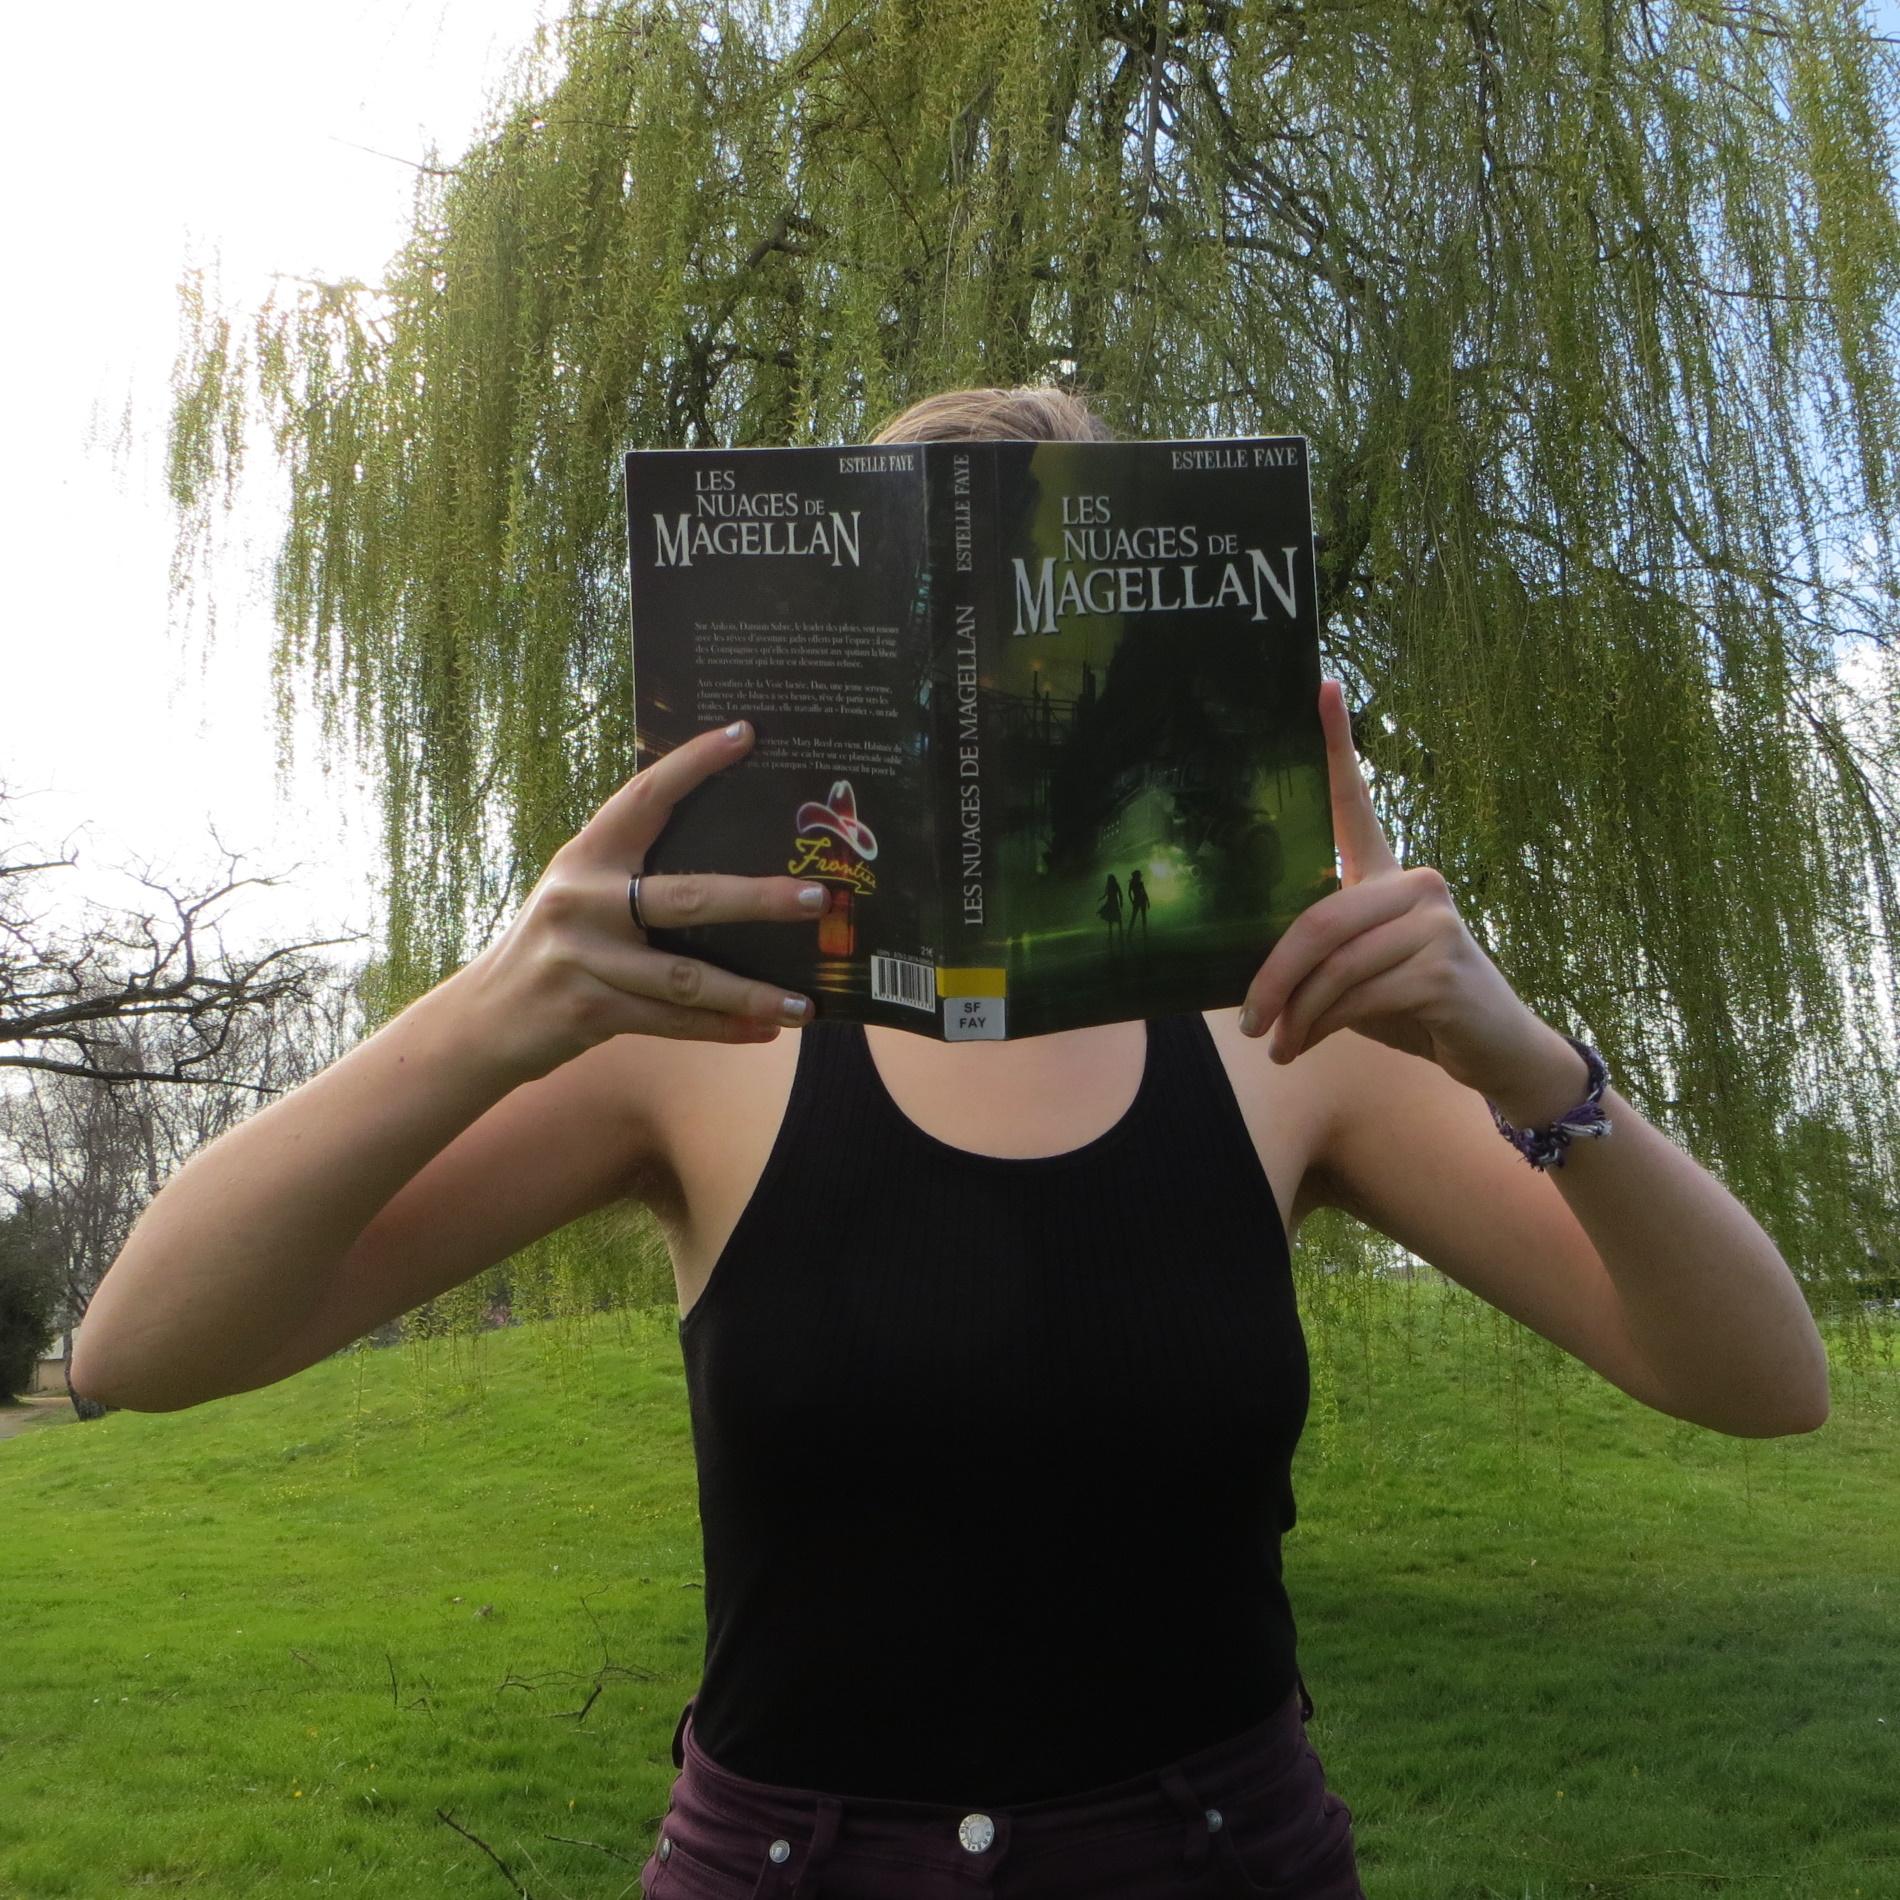 personne en débardeur lisant Les Nuages de Magellan devant un saule pleureur